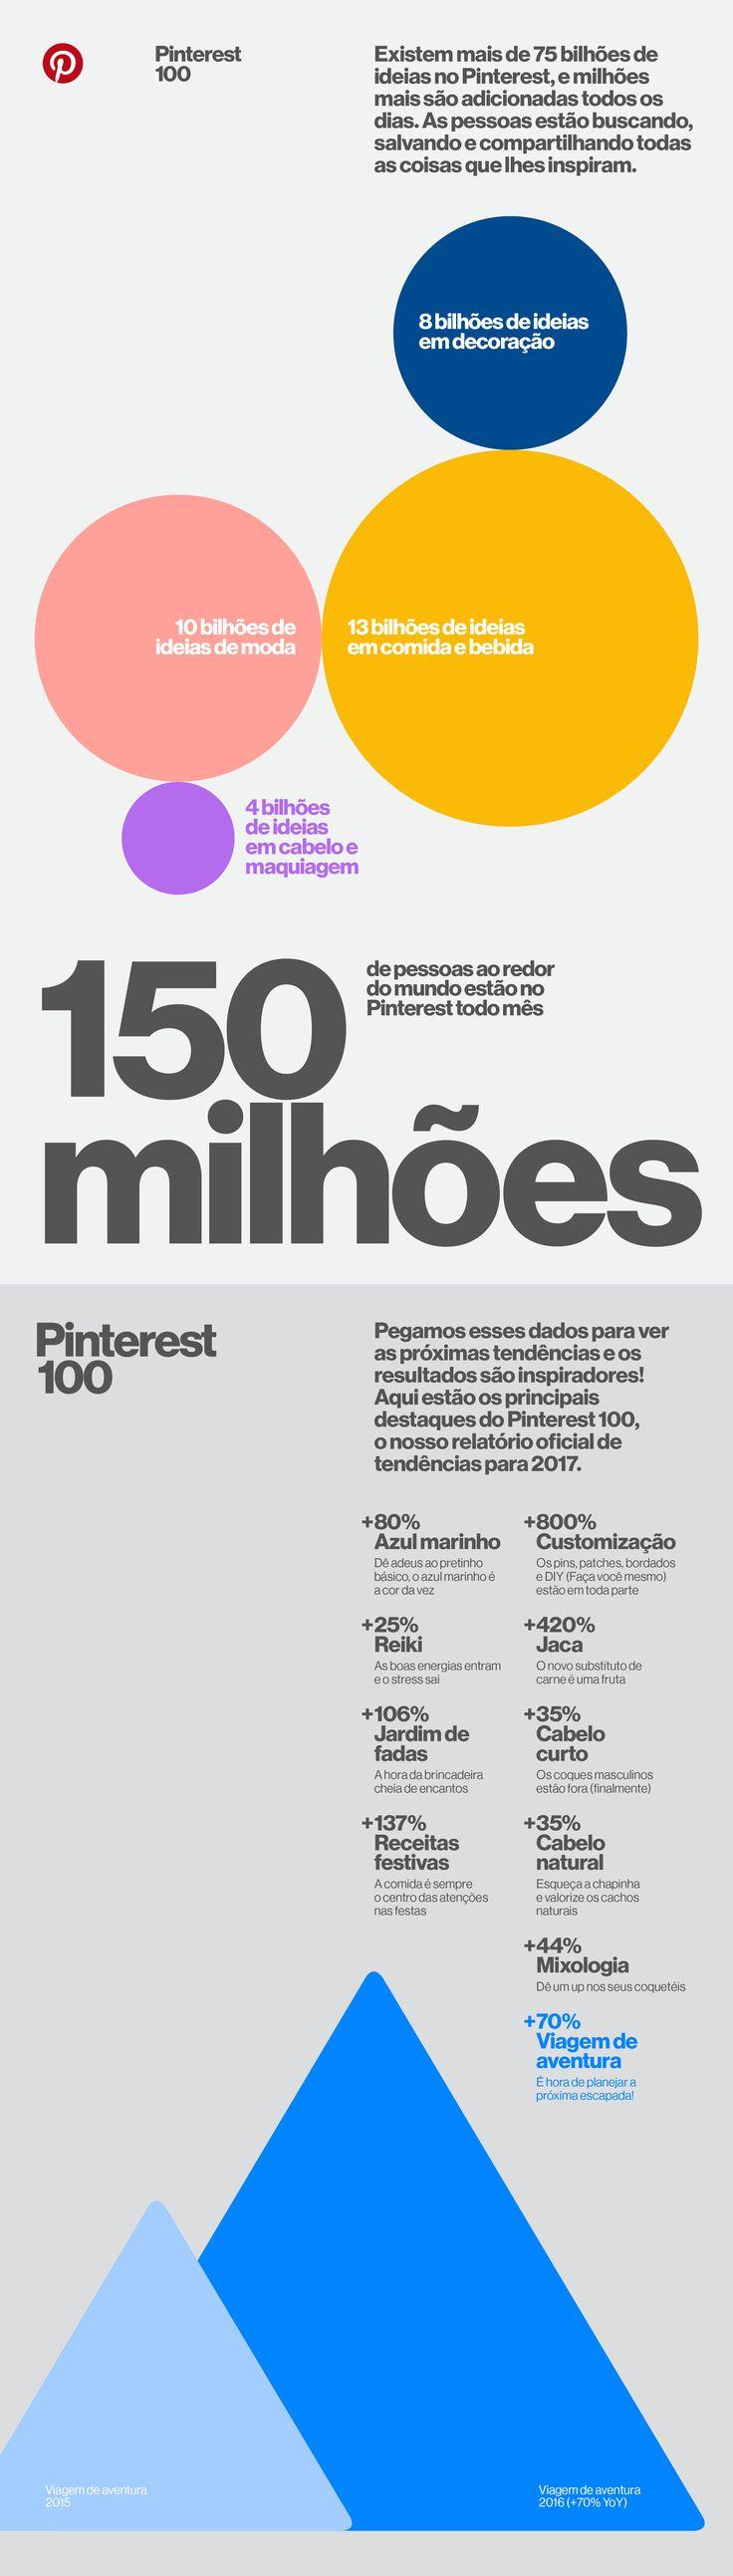 139 best artigos pinterest images on pinterest infogrfico neste momento do ano ao invs de olhar para o que aconteceu em fandeluxe Gallery